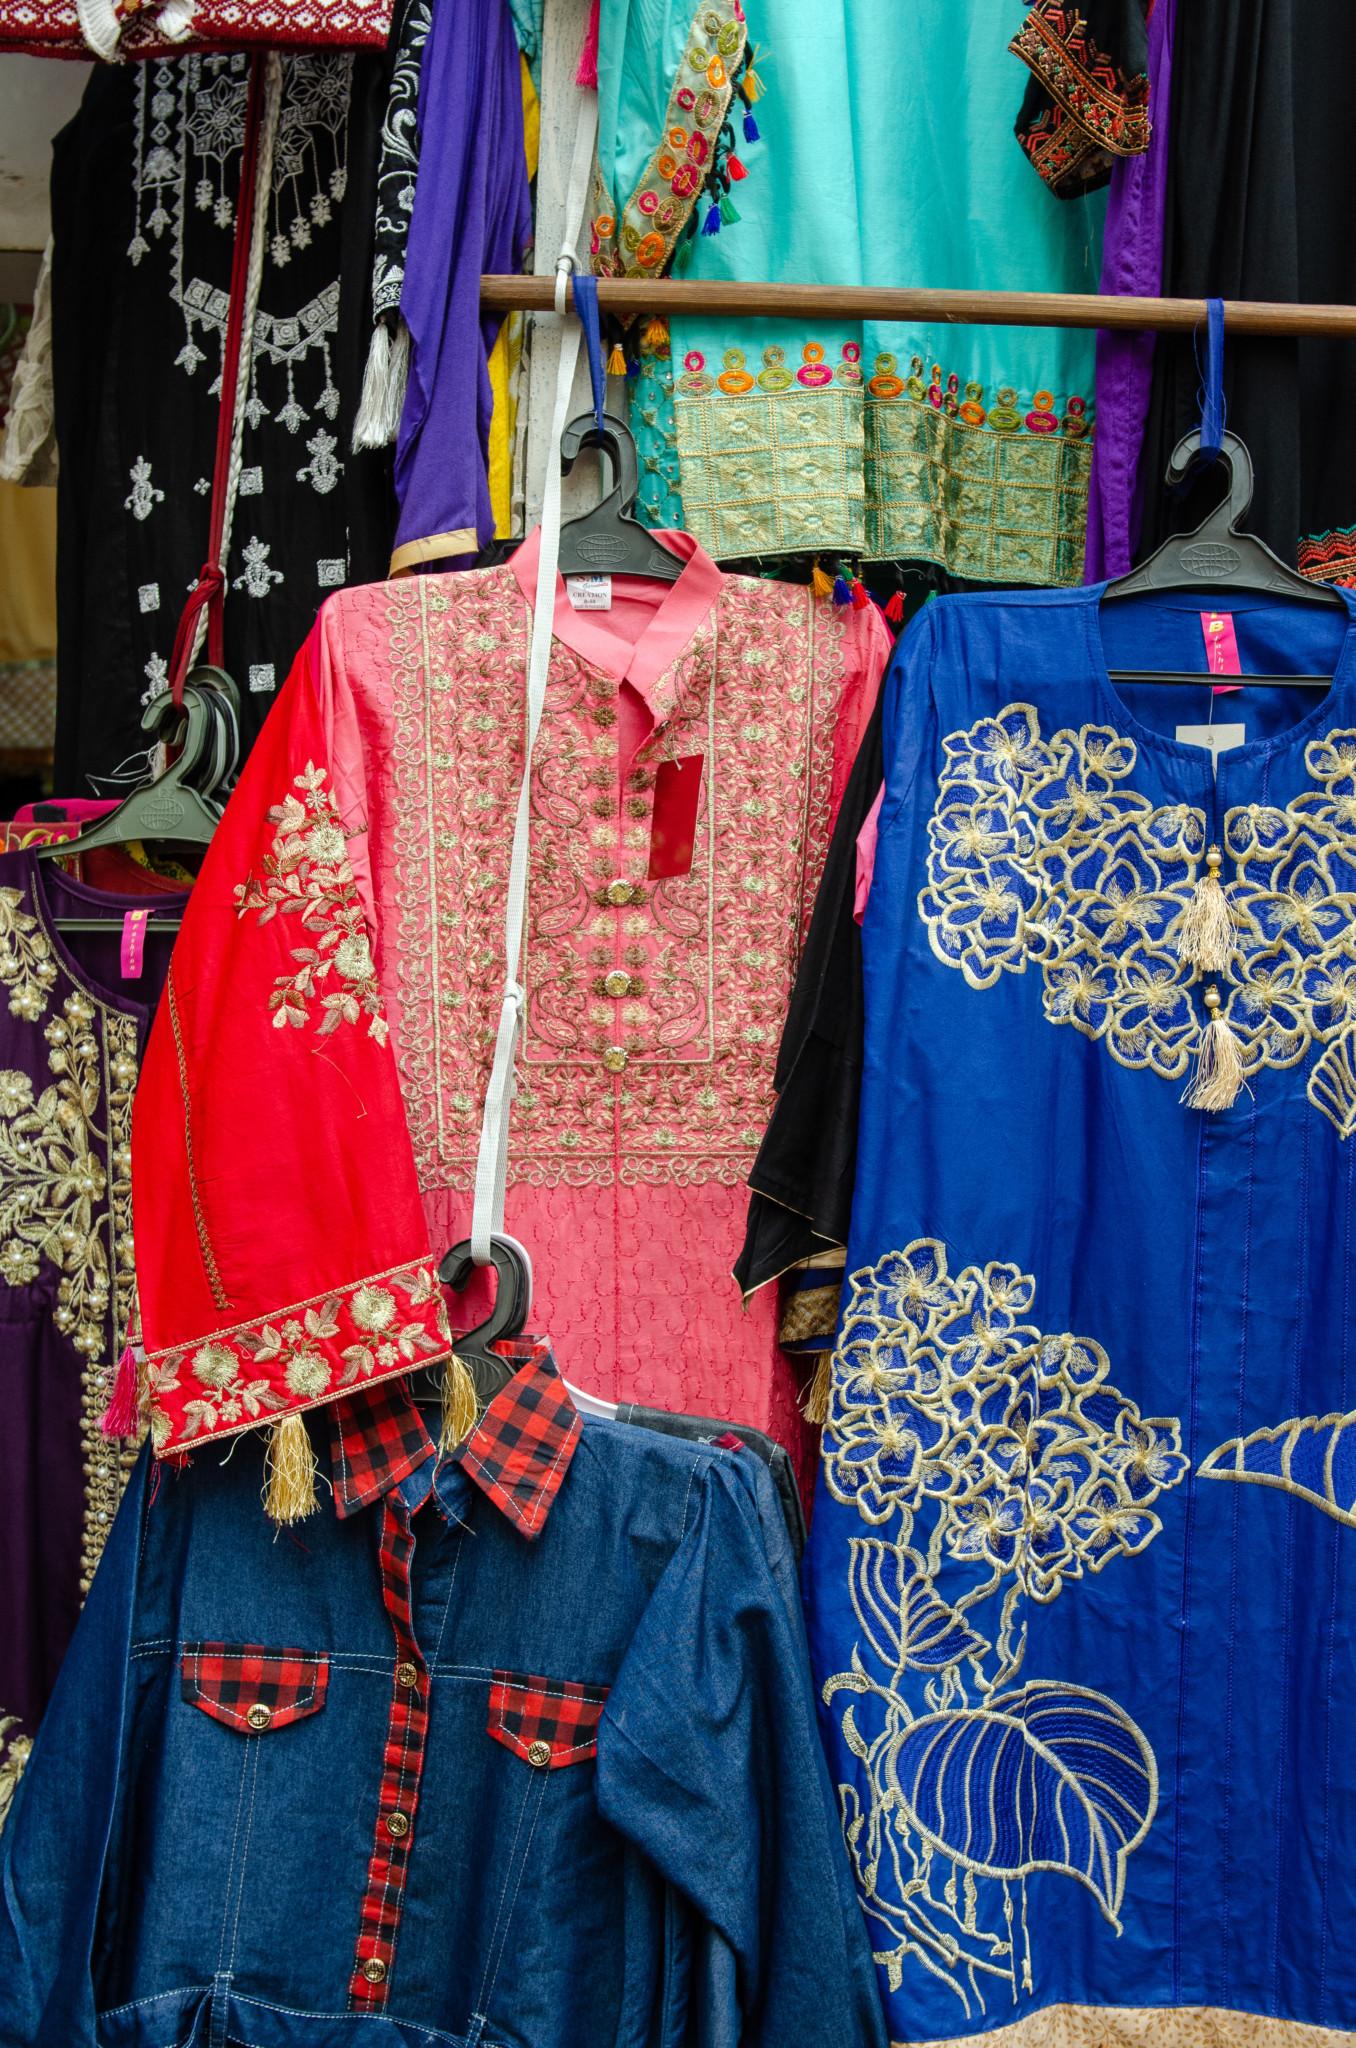 Kleidung auf dem Zainab Market in Karatschi